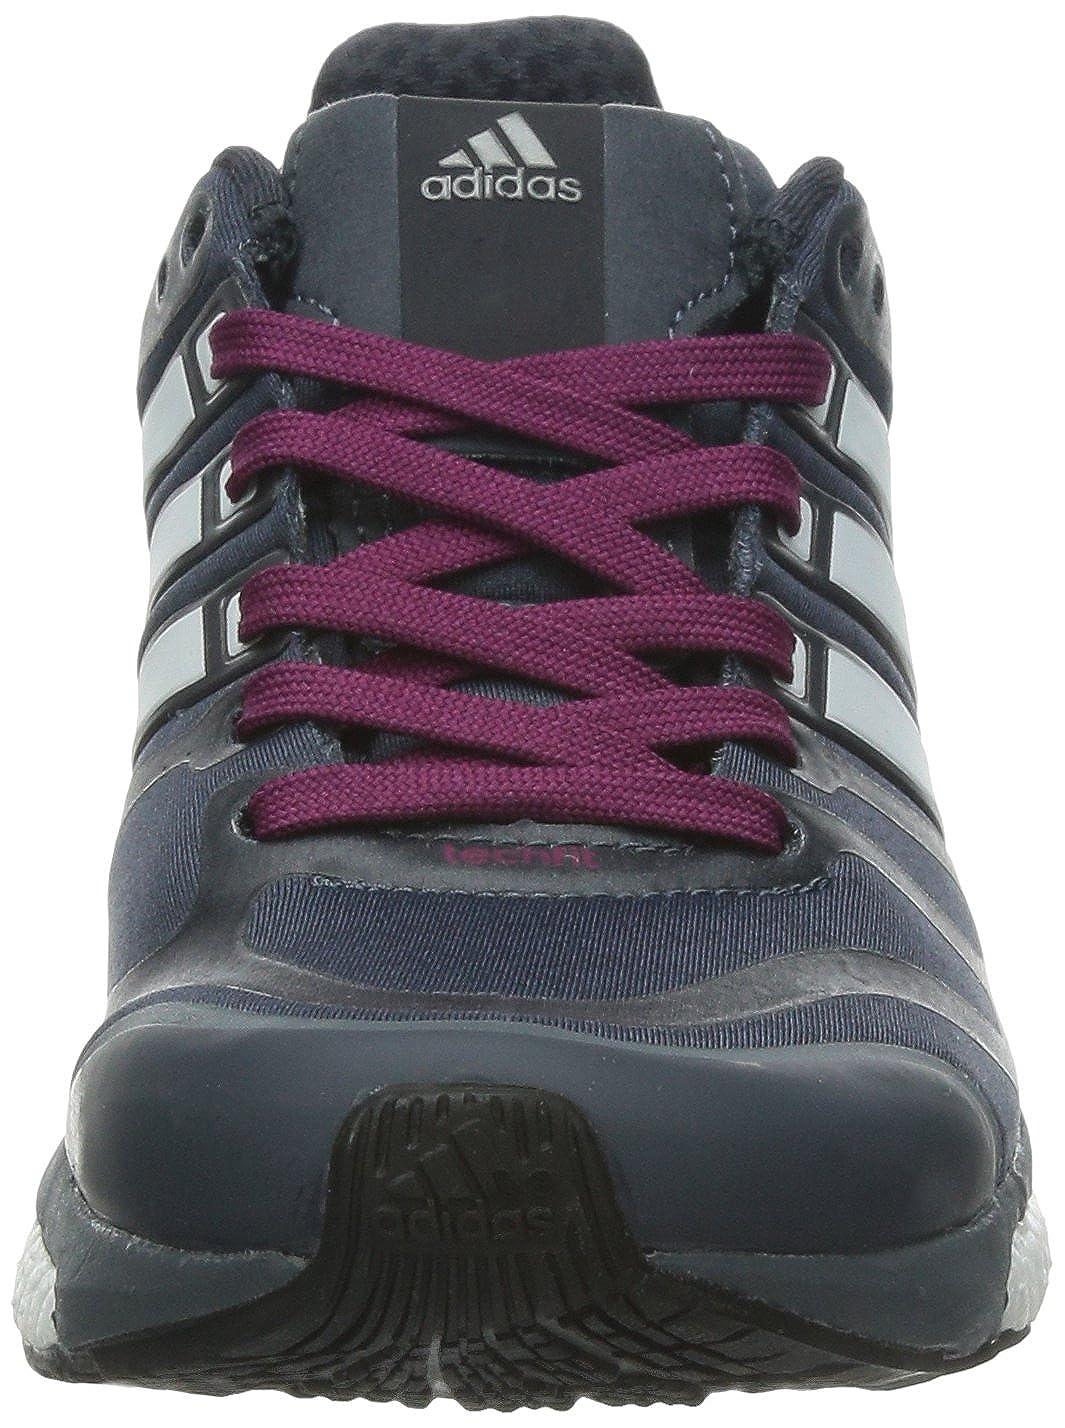 adidas adistar Boost women GRAU M17463 Grösse: 39 13